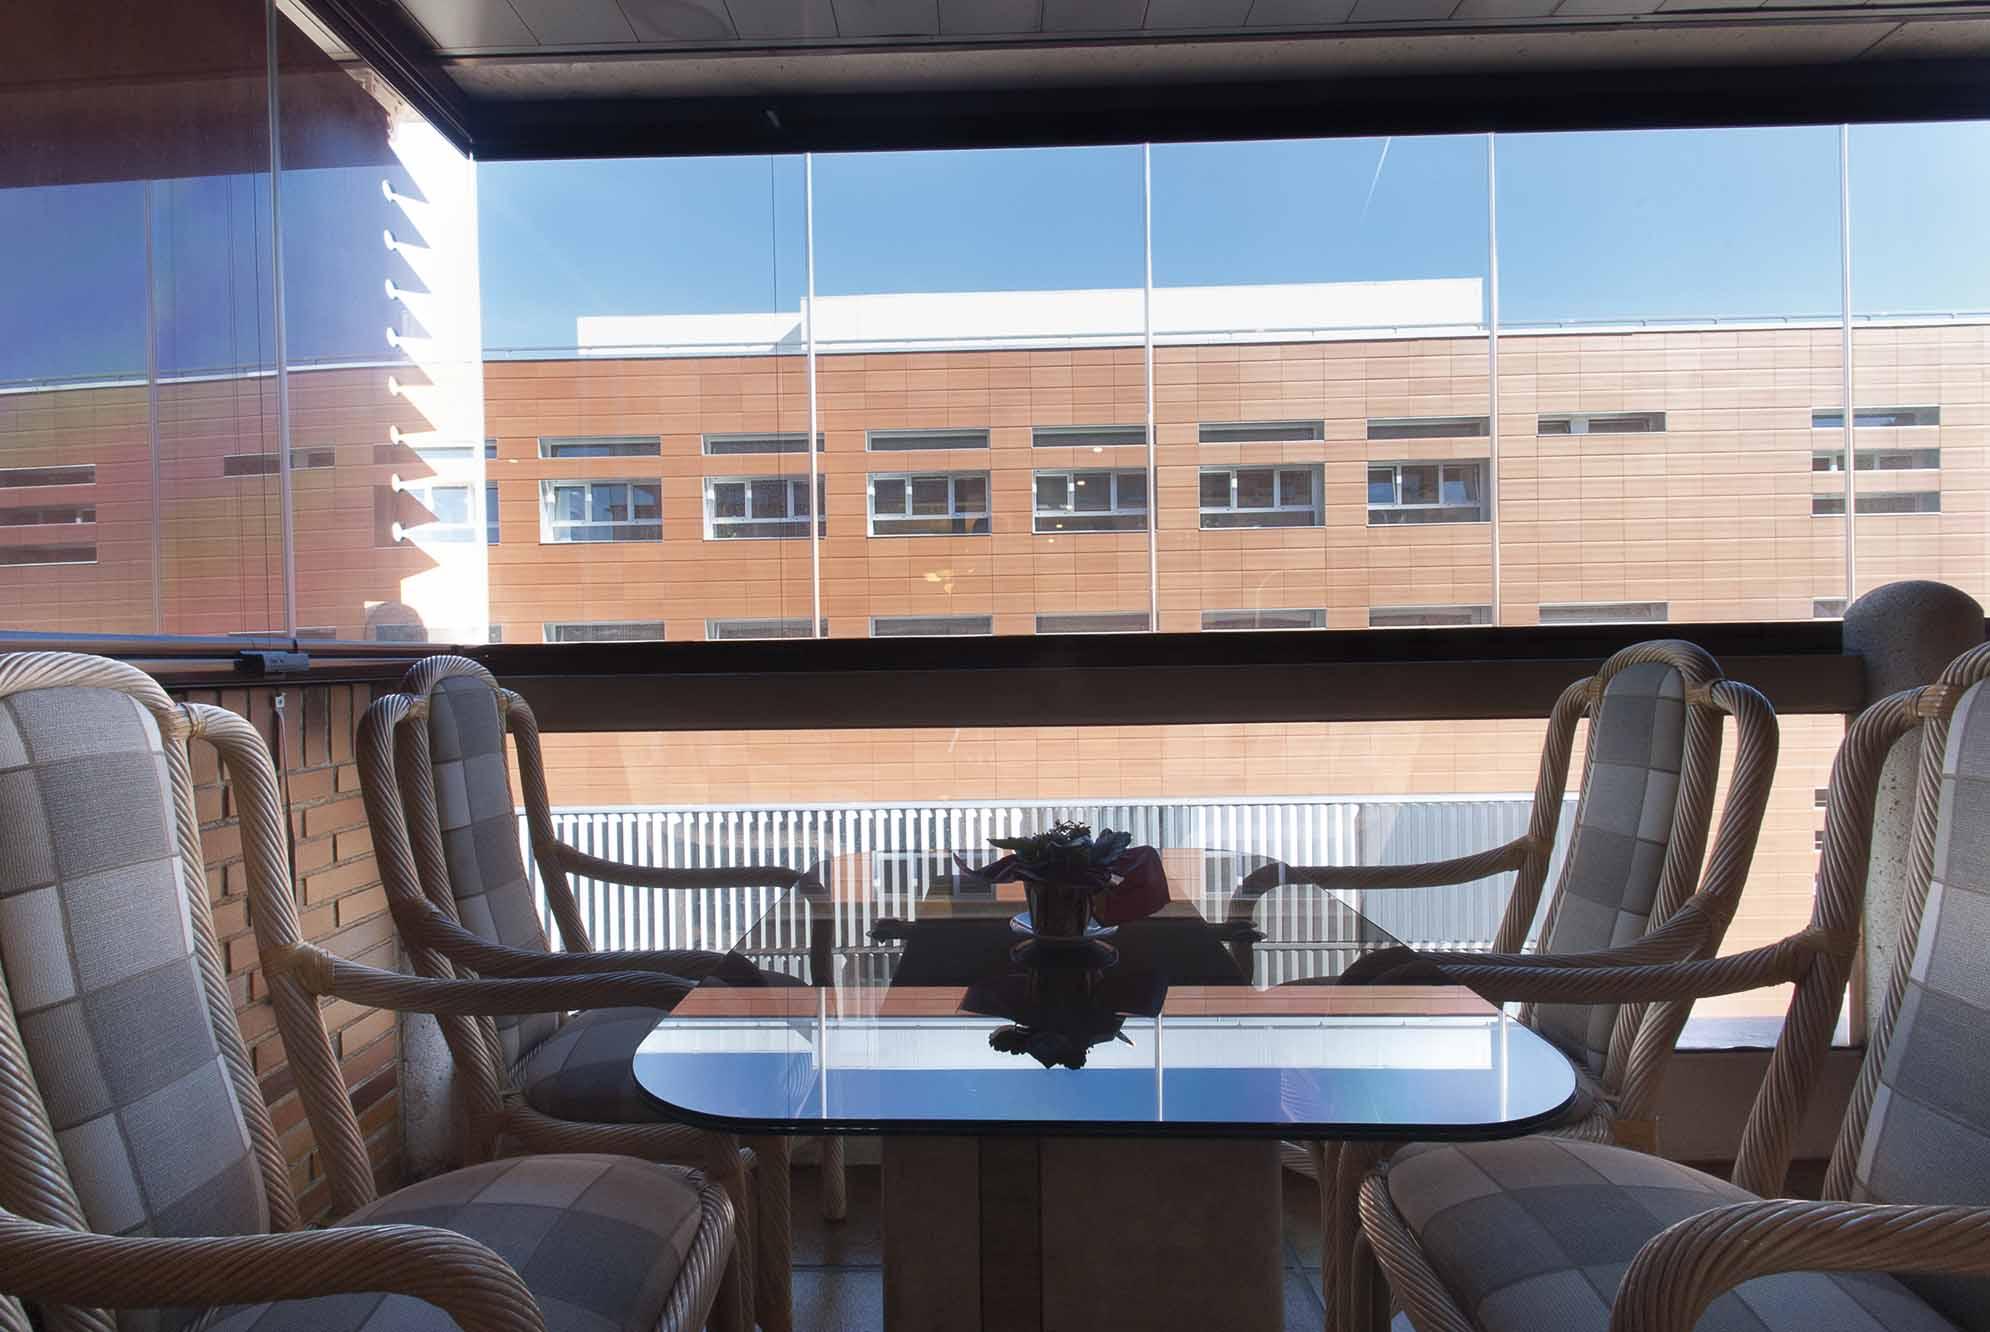 terraza-balcon-cerramiento-cortinas-cristal-lumon-2